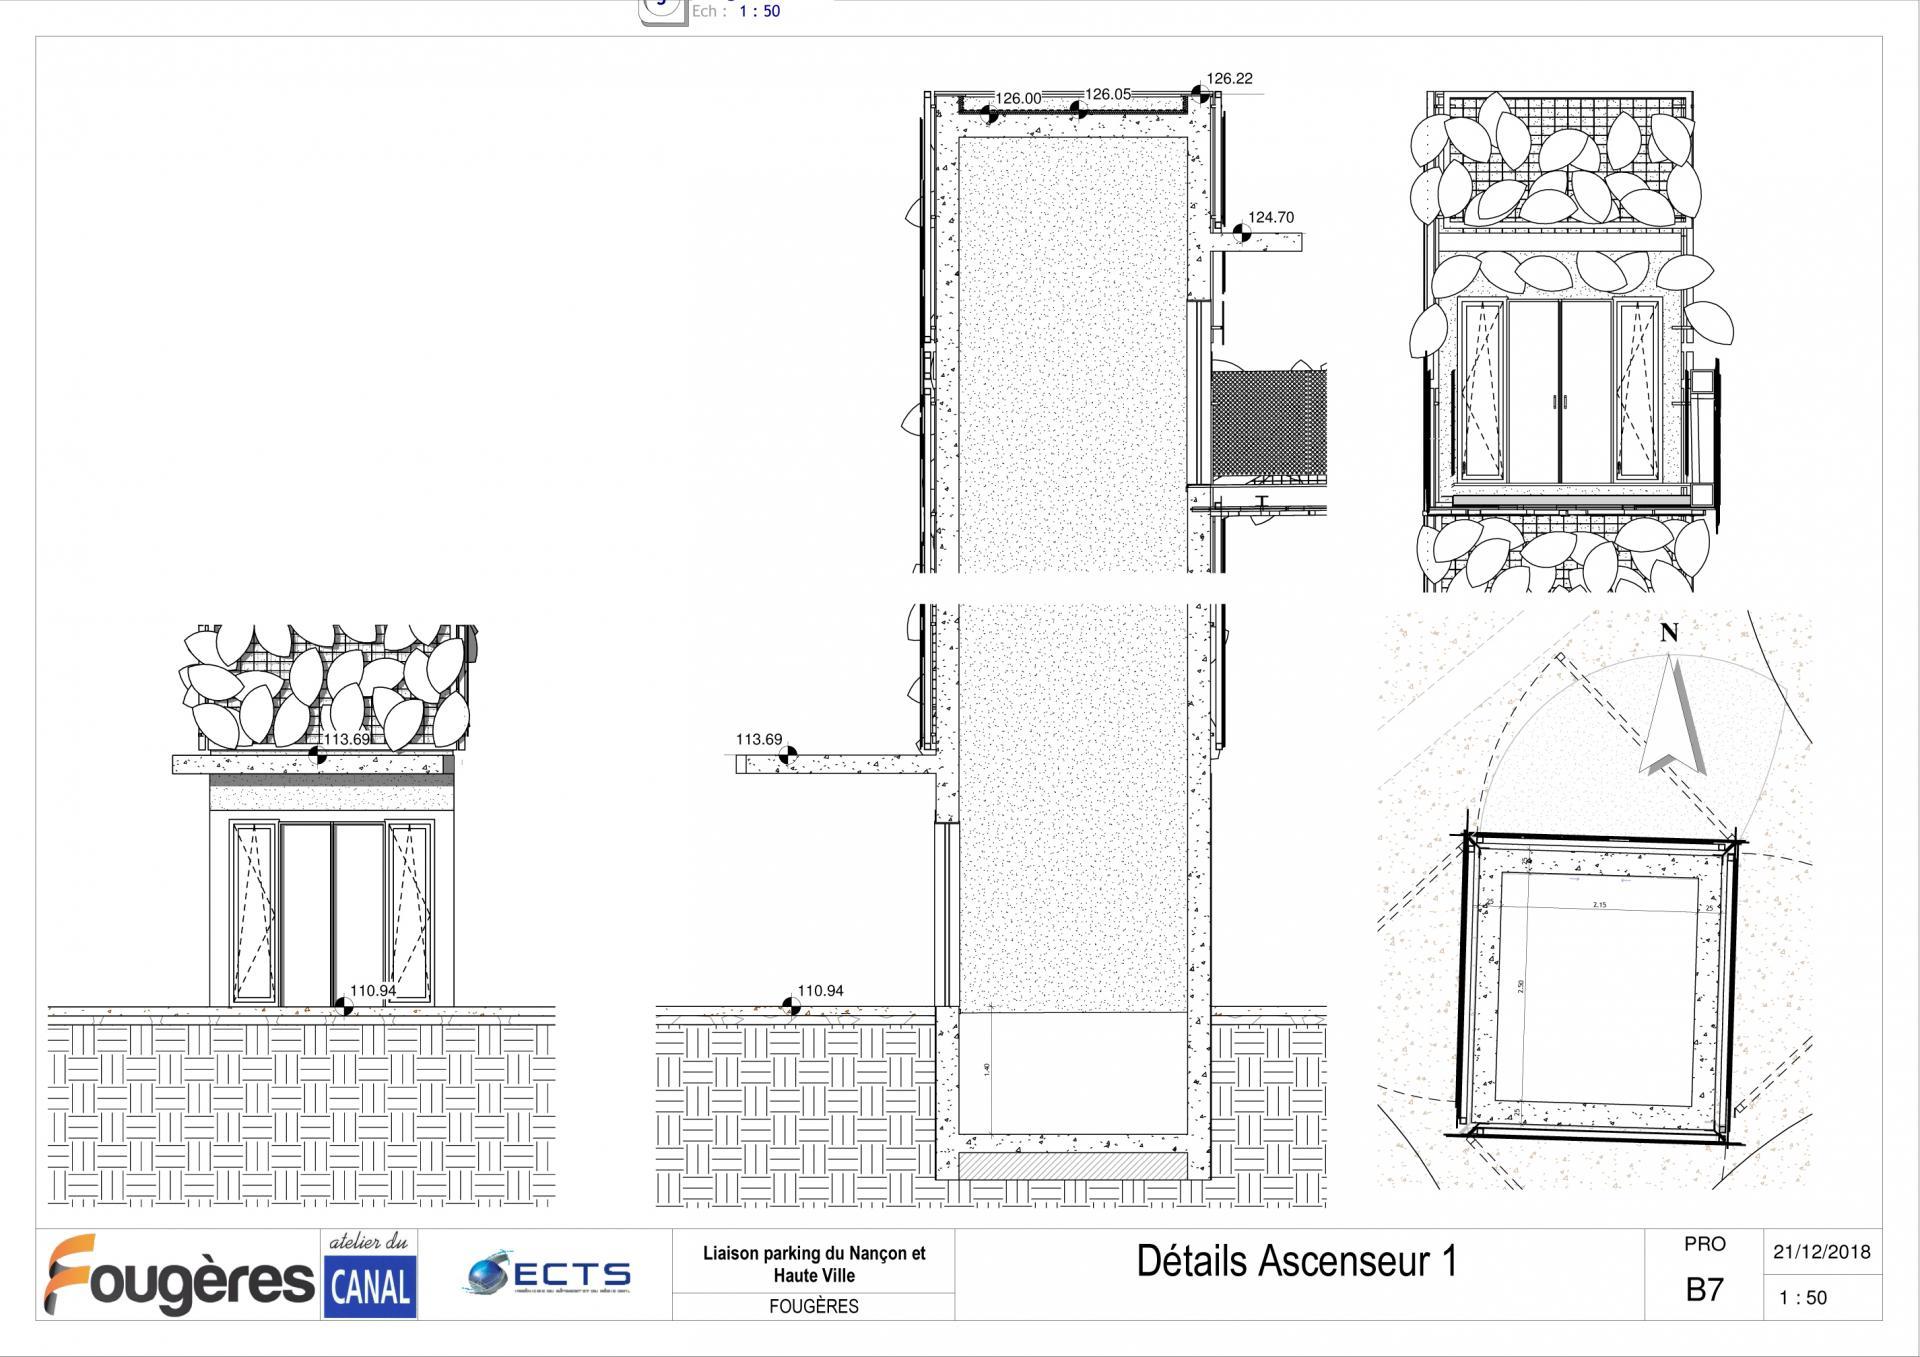 Adc fop pro b7 details ascenseur 1